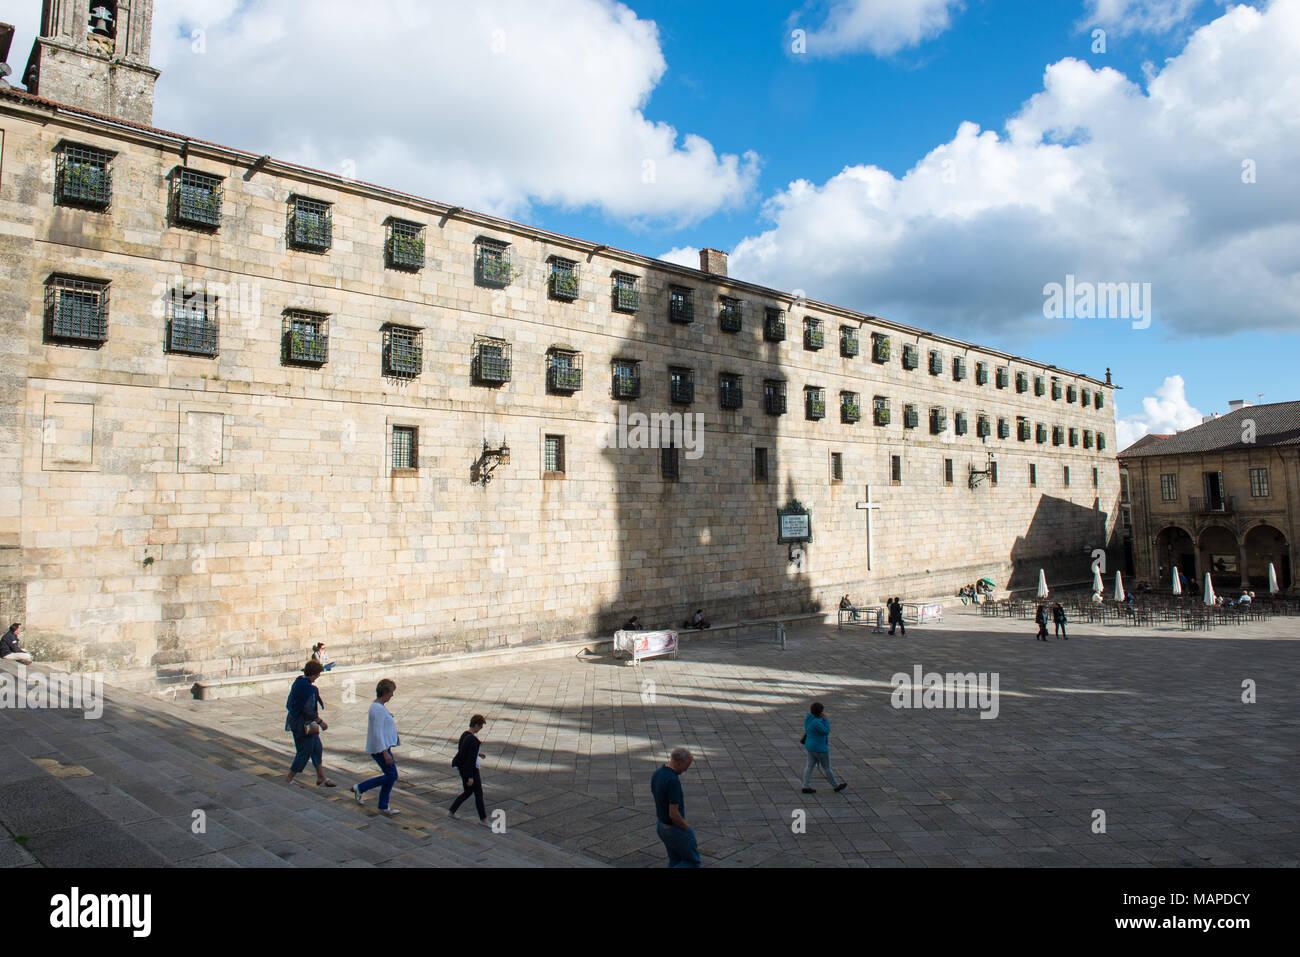 Praza da Quintana, Santiago de Compostela in Coruña, Spain - Stock Image